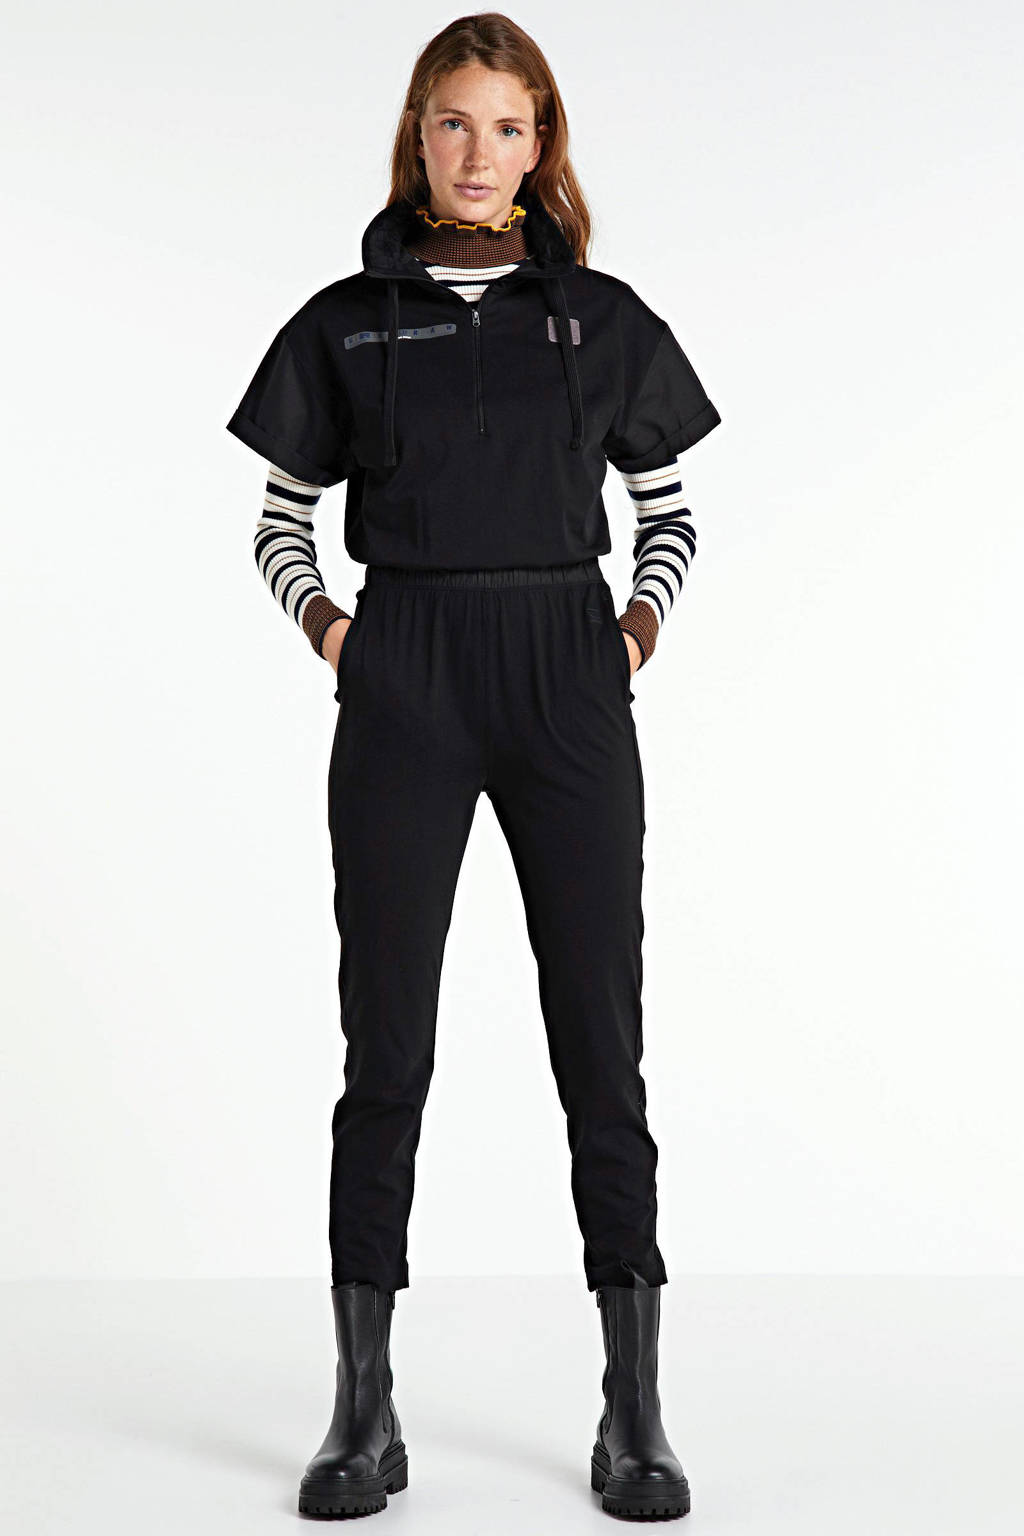 G-Star RAW gebreide jersey jumpsuit met col Utility dk black, DK Black